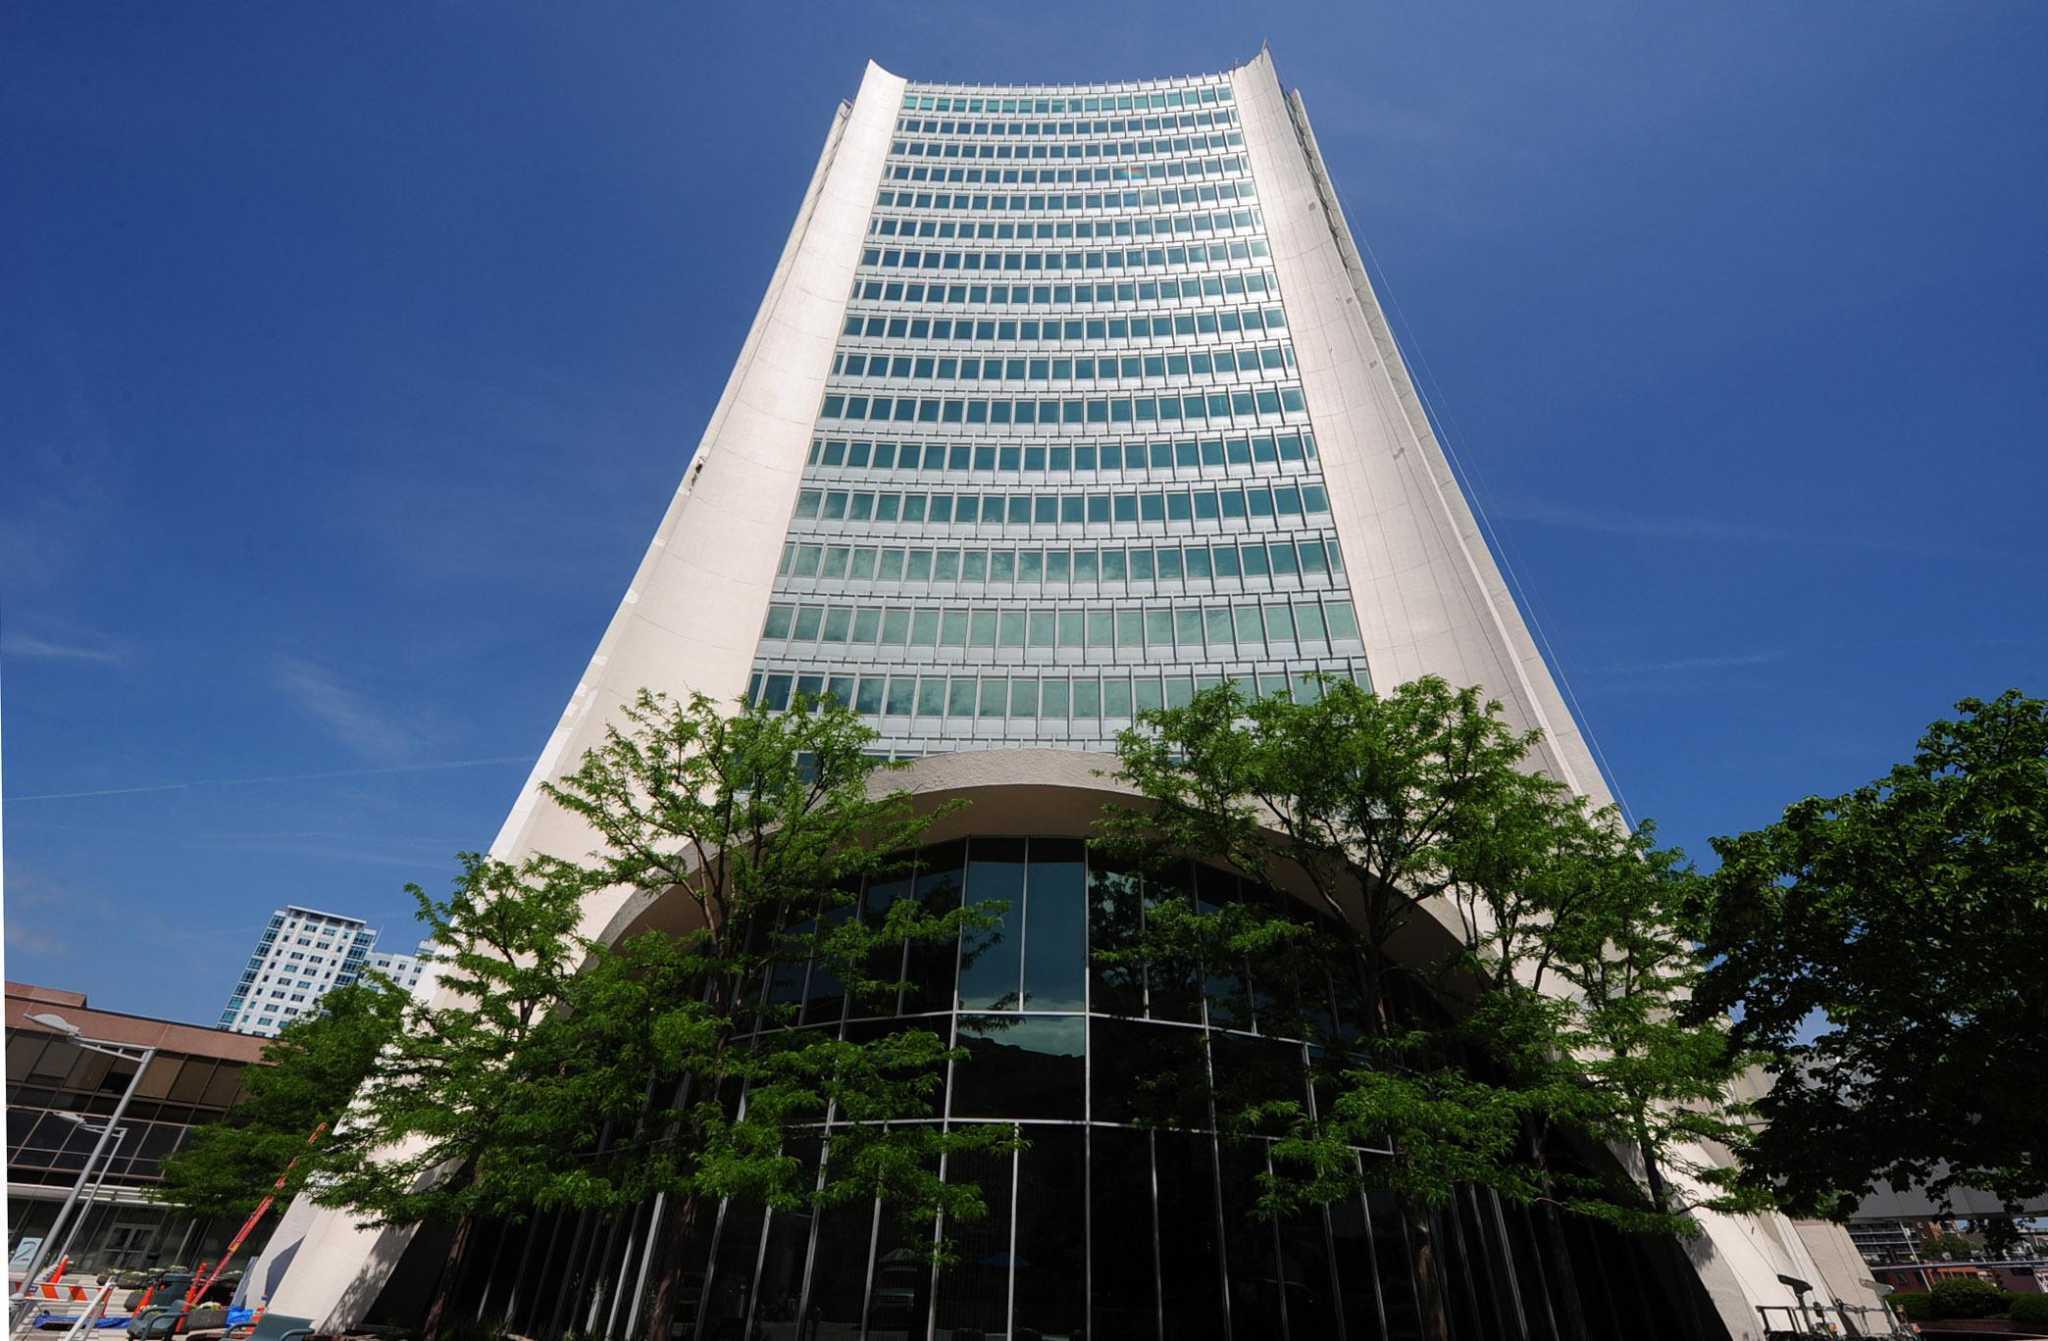 Centerplate Corporate Office